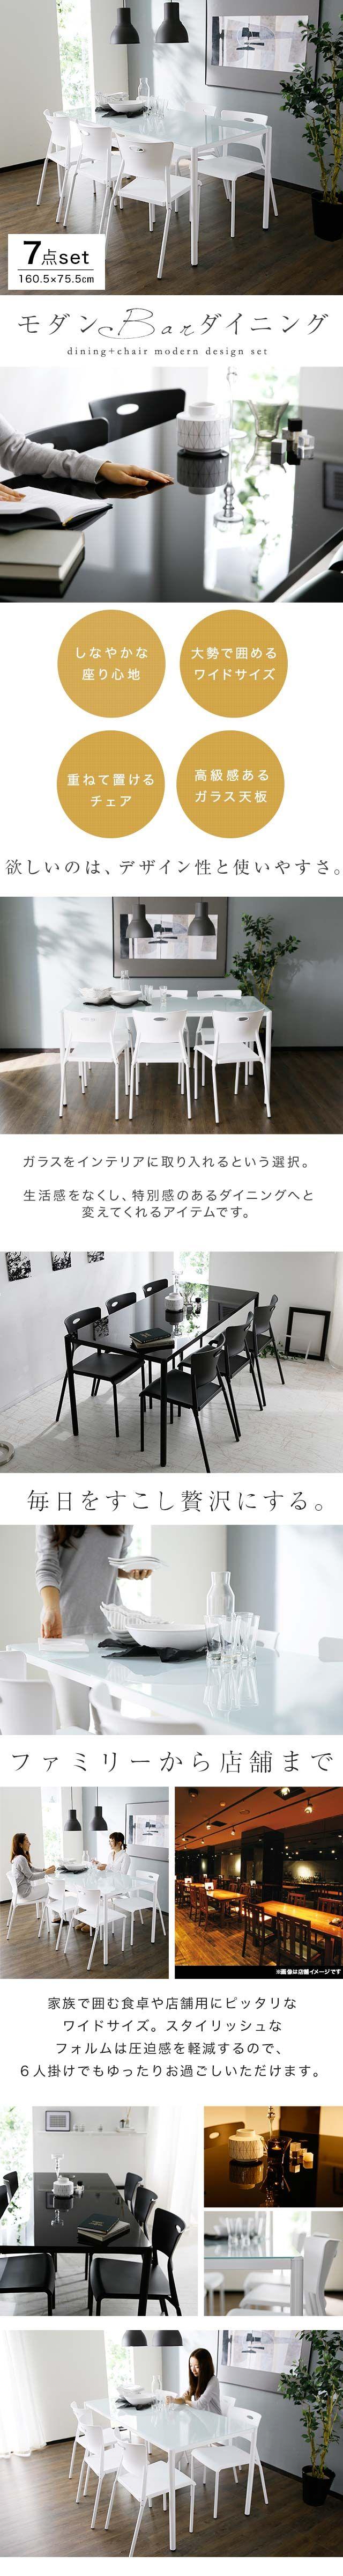 ダイニング テーブル 7点セット ガラス天板 食卓テーブルセット。クーポンで600円OFF(27日12時~24時)ダイニングセット ダイニングテーブル7点セット ダイニングテーブルセット ダイニング テーブル 7点 セット ガラステーブル 食卓テーブル 食卓テーブルセット 食卓セット 食卓椅子 6人掛け